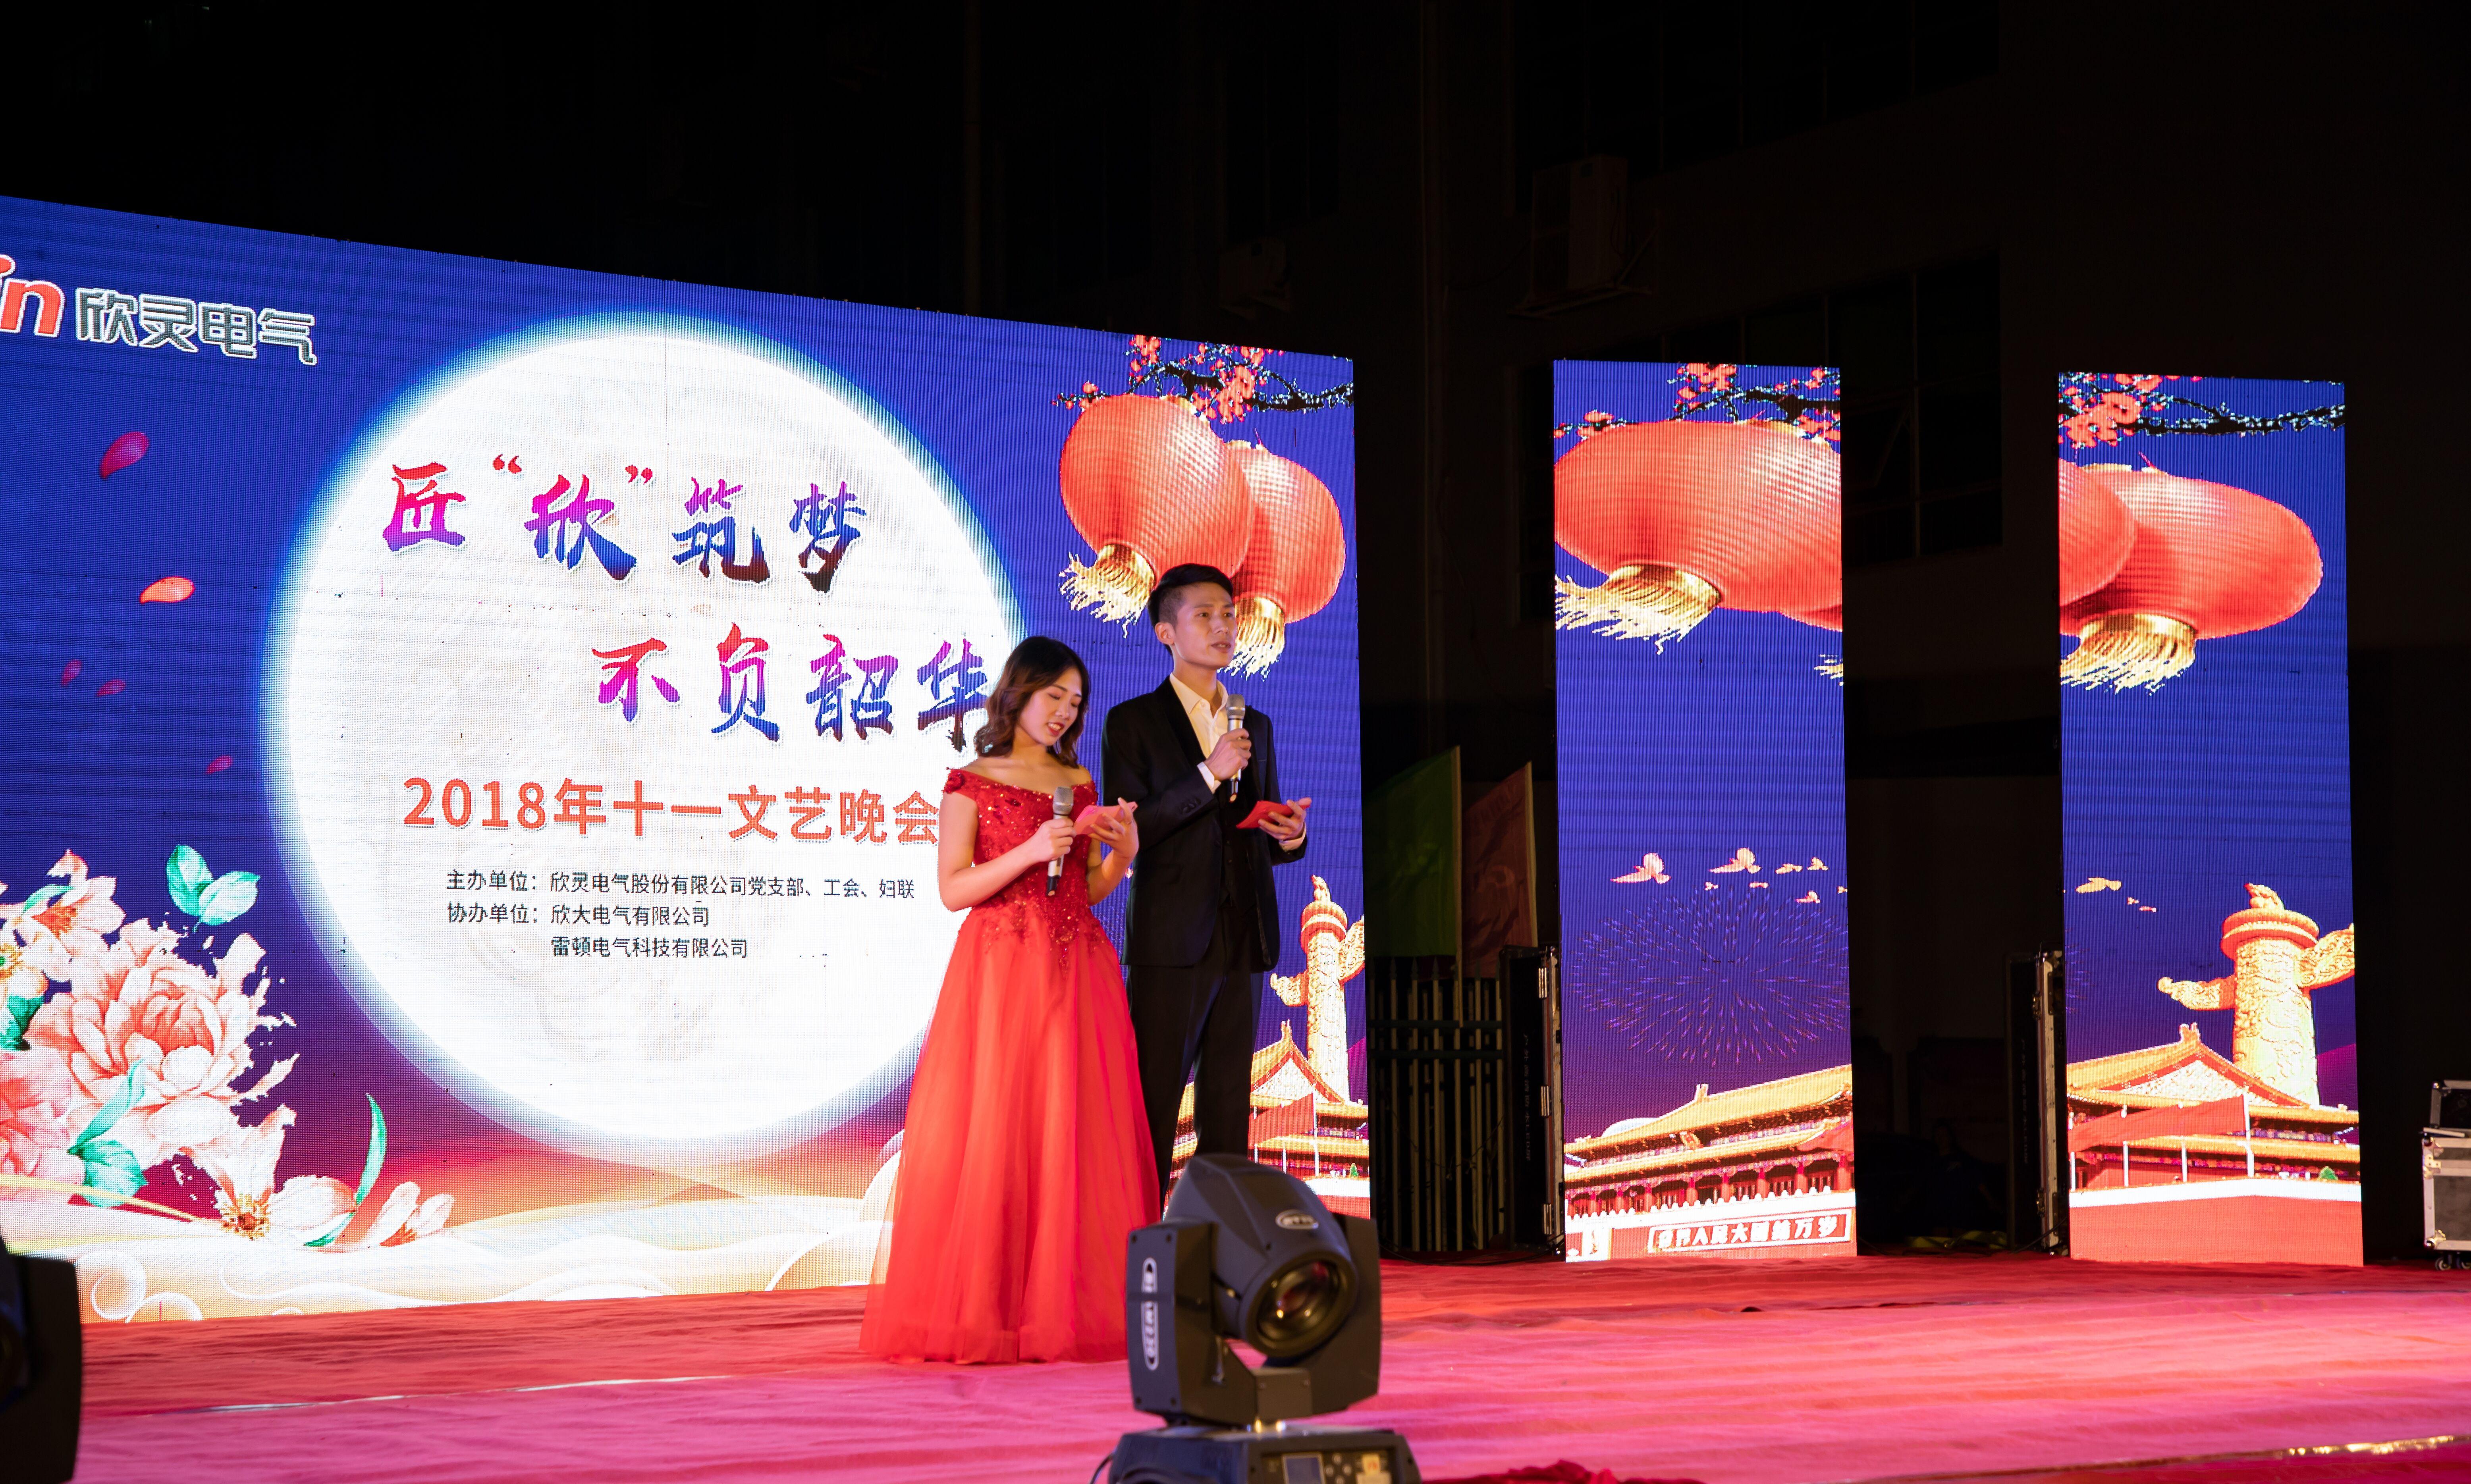 """""""匠'欣'筑梦 不负韶华""""——2018年十一文艺晚会圆满落幕"""